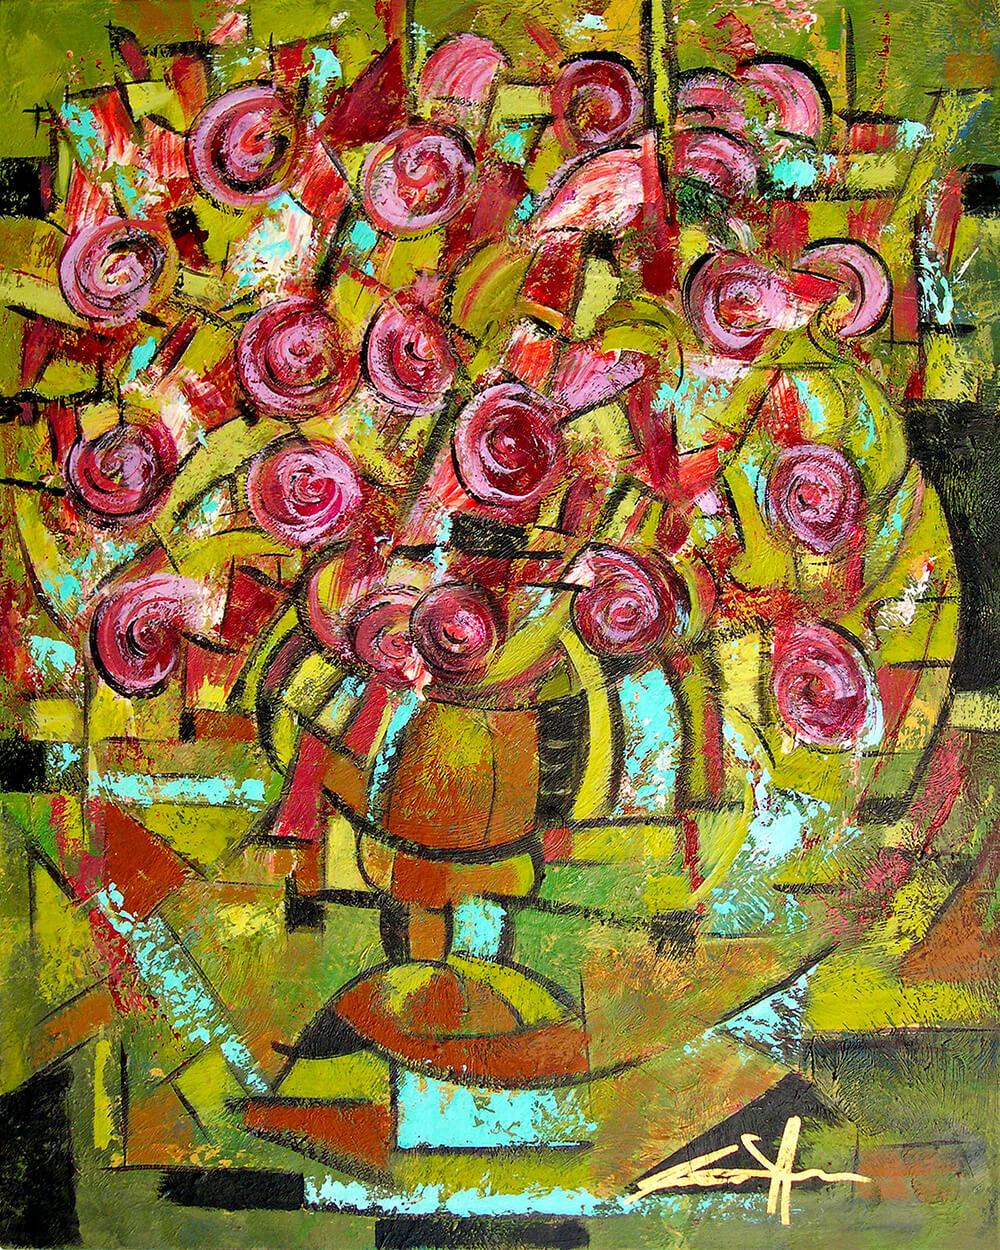 art-eric-j-hughes-artiste-peintre-canadien-tableau-catharsis-pot-aux-roses